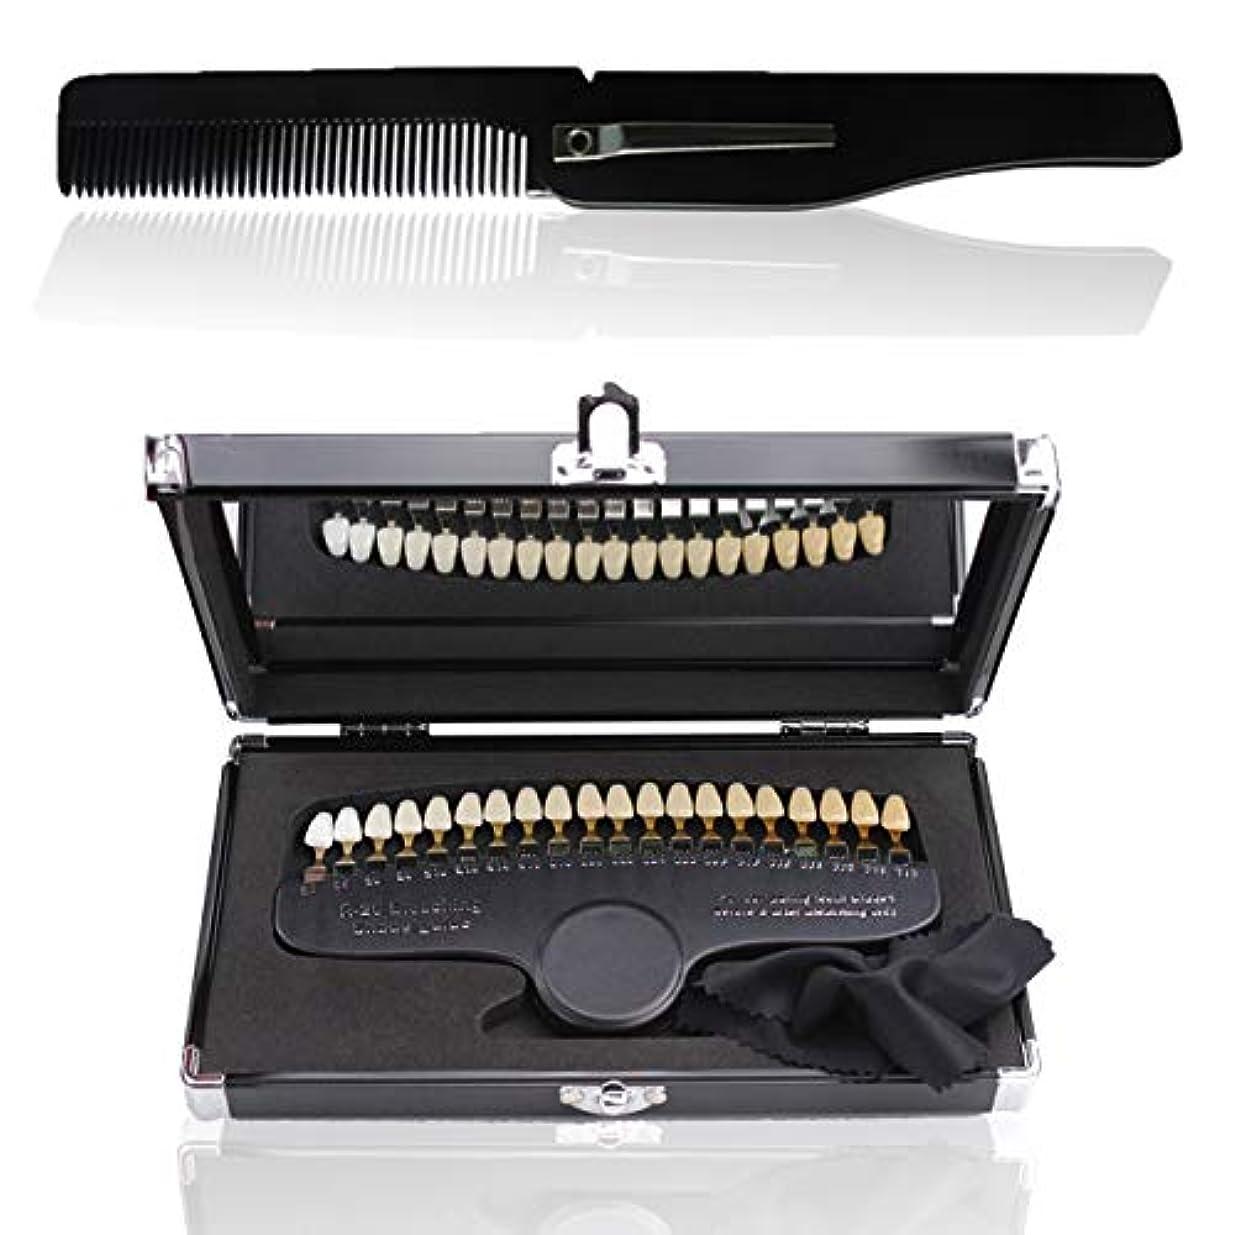 注釈レンチ部屋を掃除するフェリモア 歯 シェードガイド 色見本 歯列模型 段階的 櫛付き 鏡付き 収納ケース付き 20段階 (20段階)